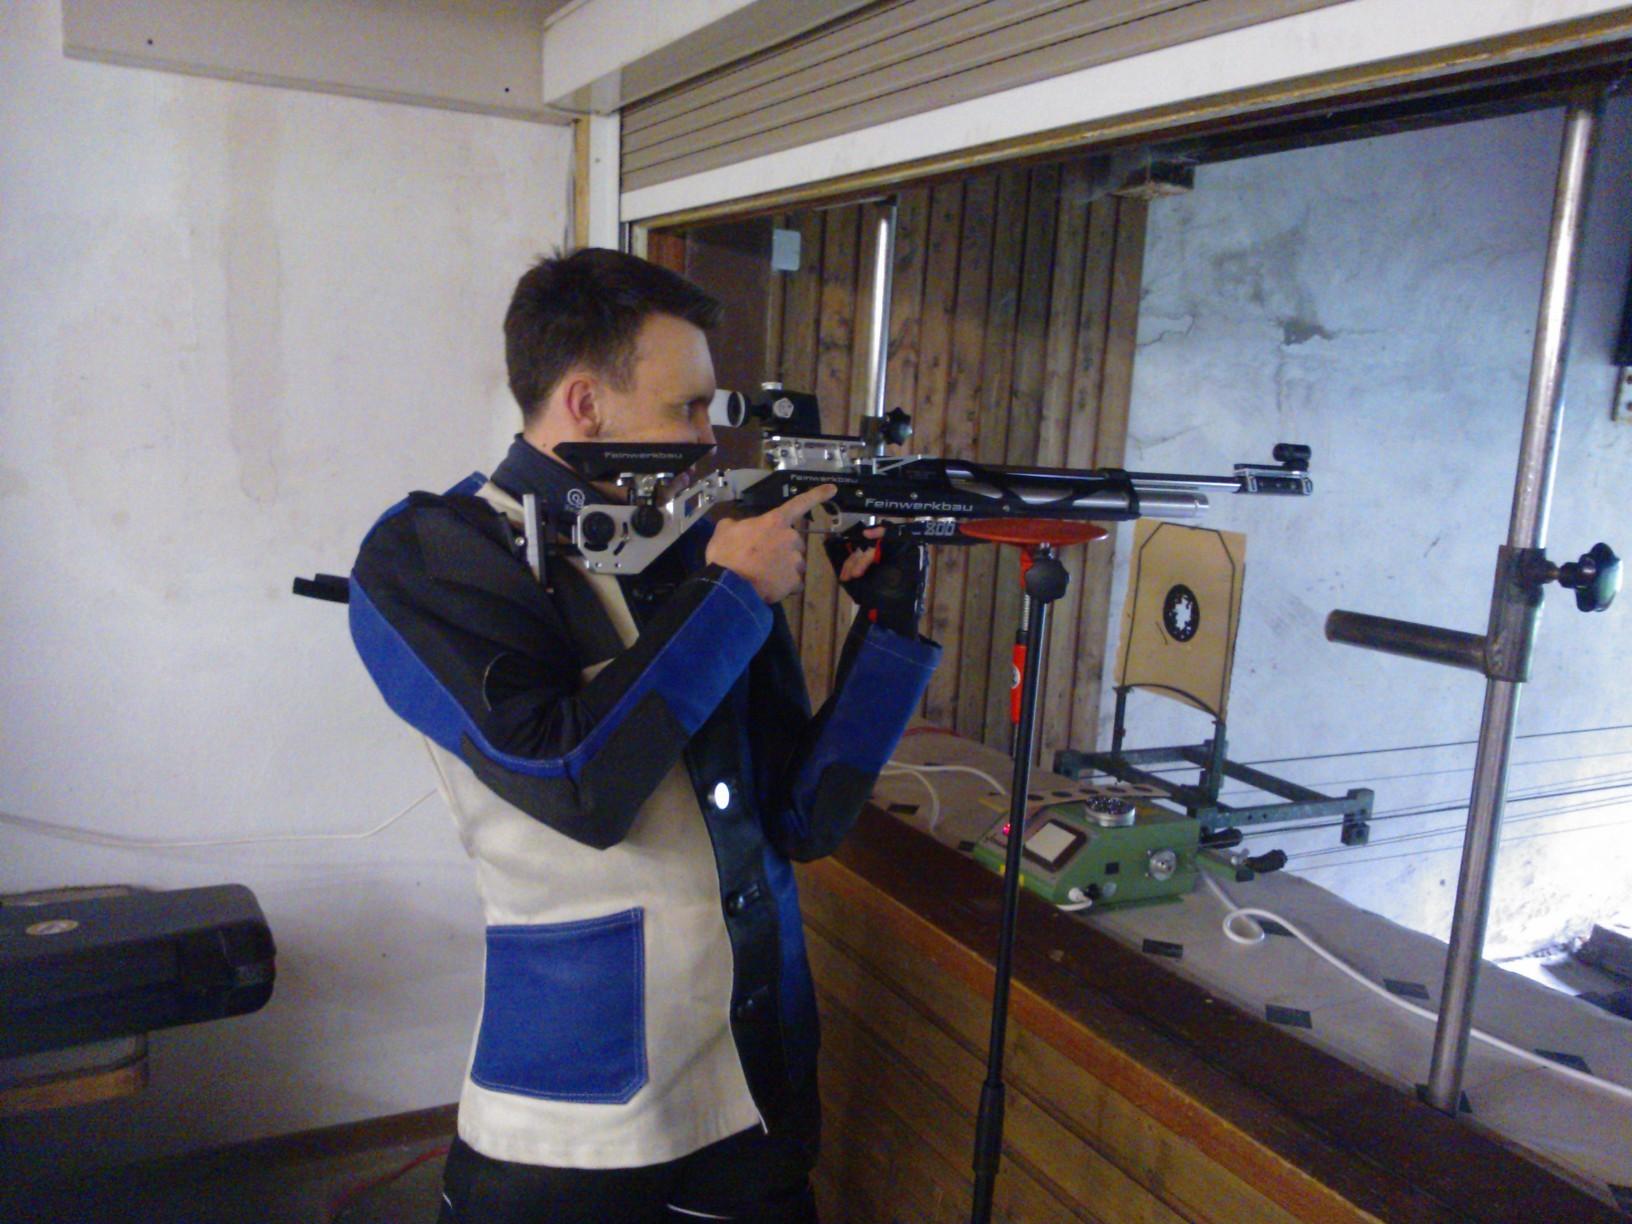 Bezirksliga-Schützen nehmen im Freihand-Anschlag teil